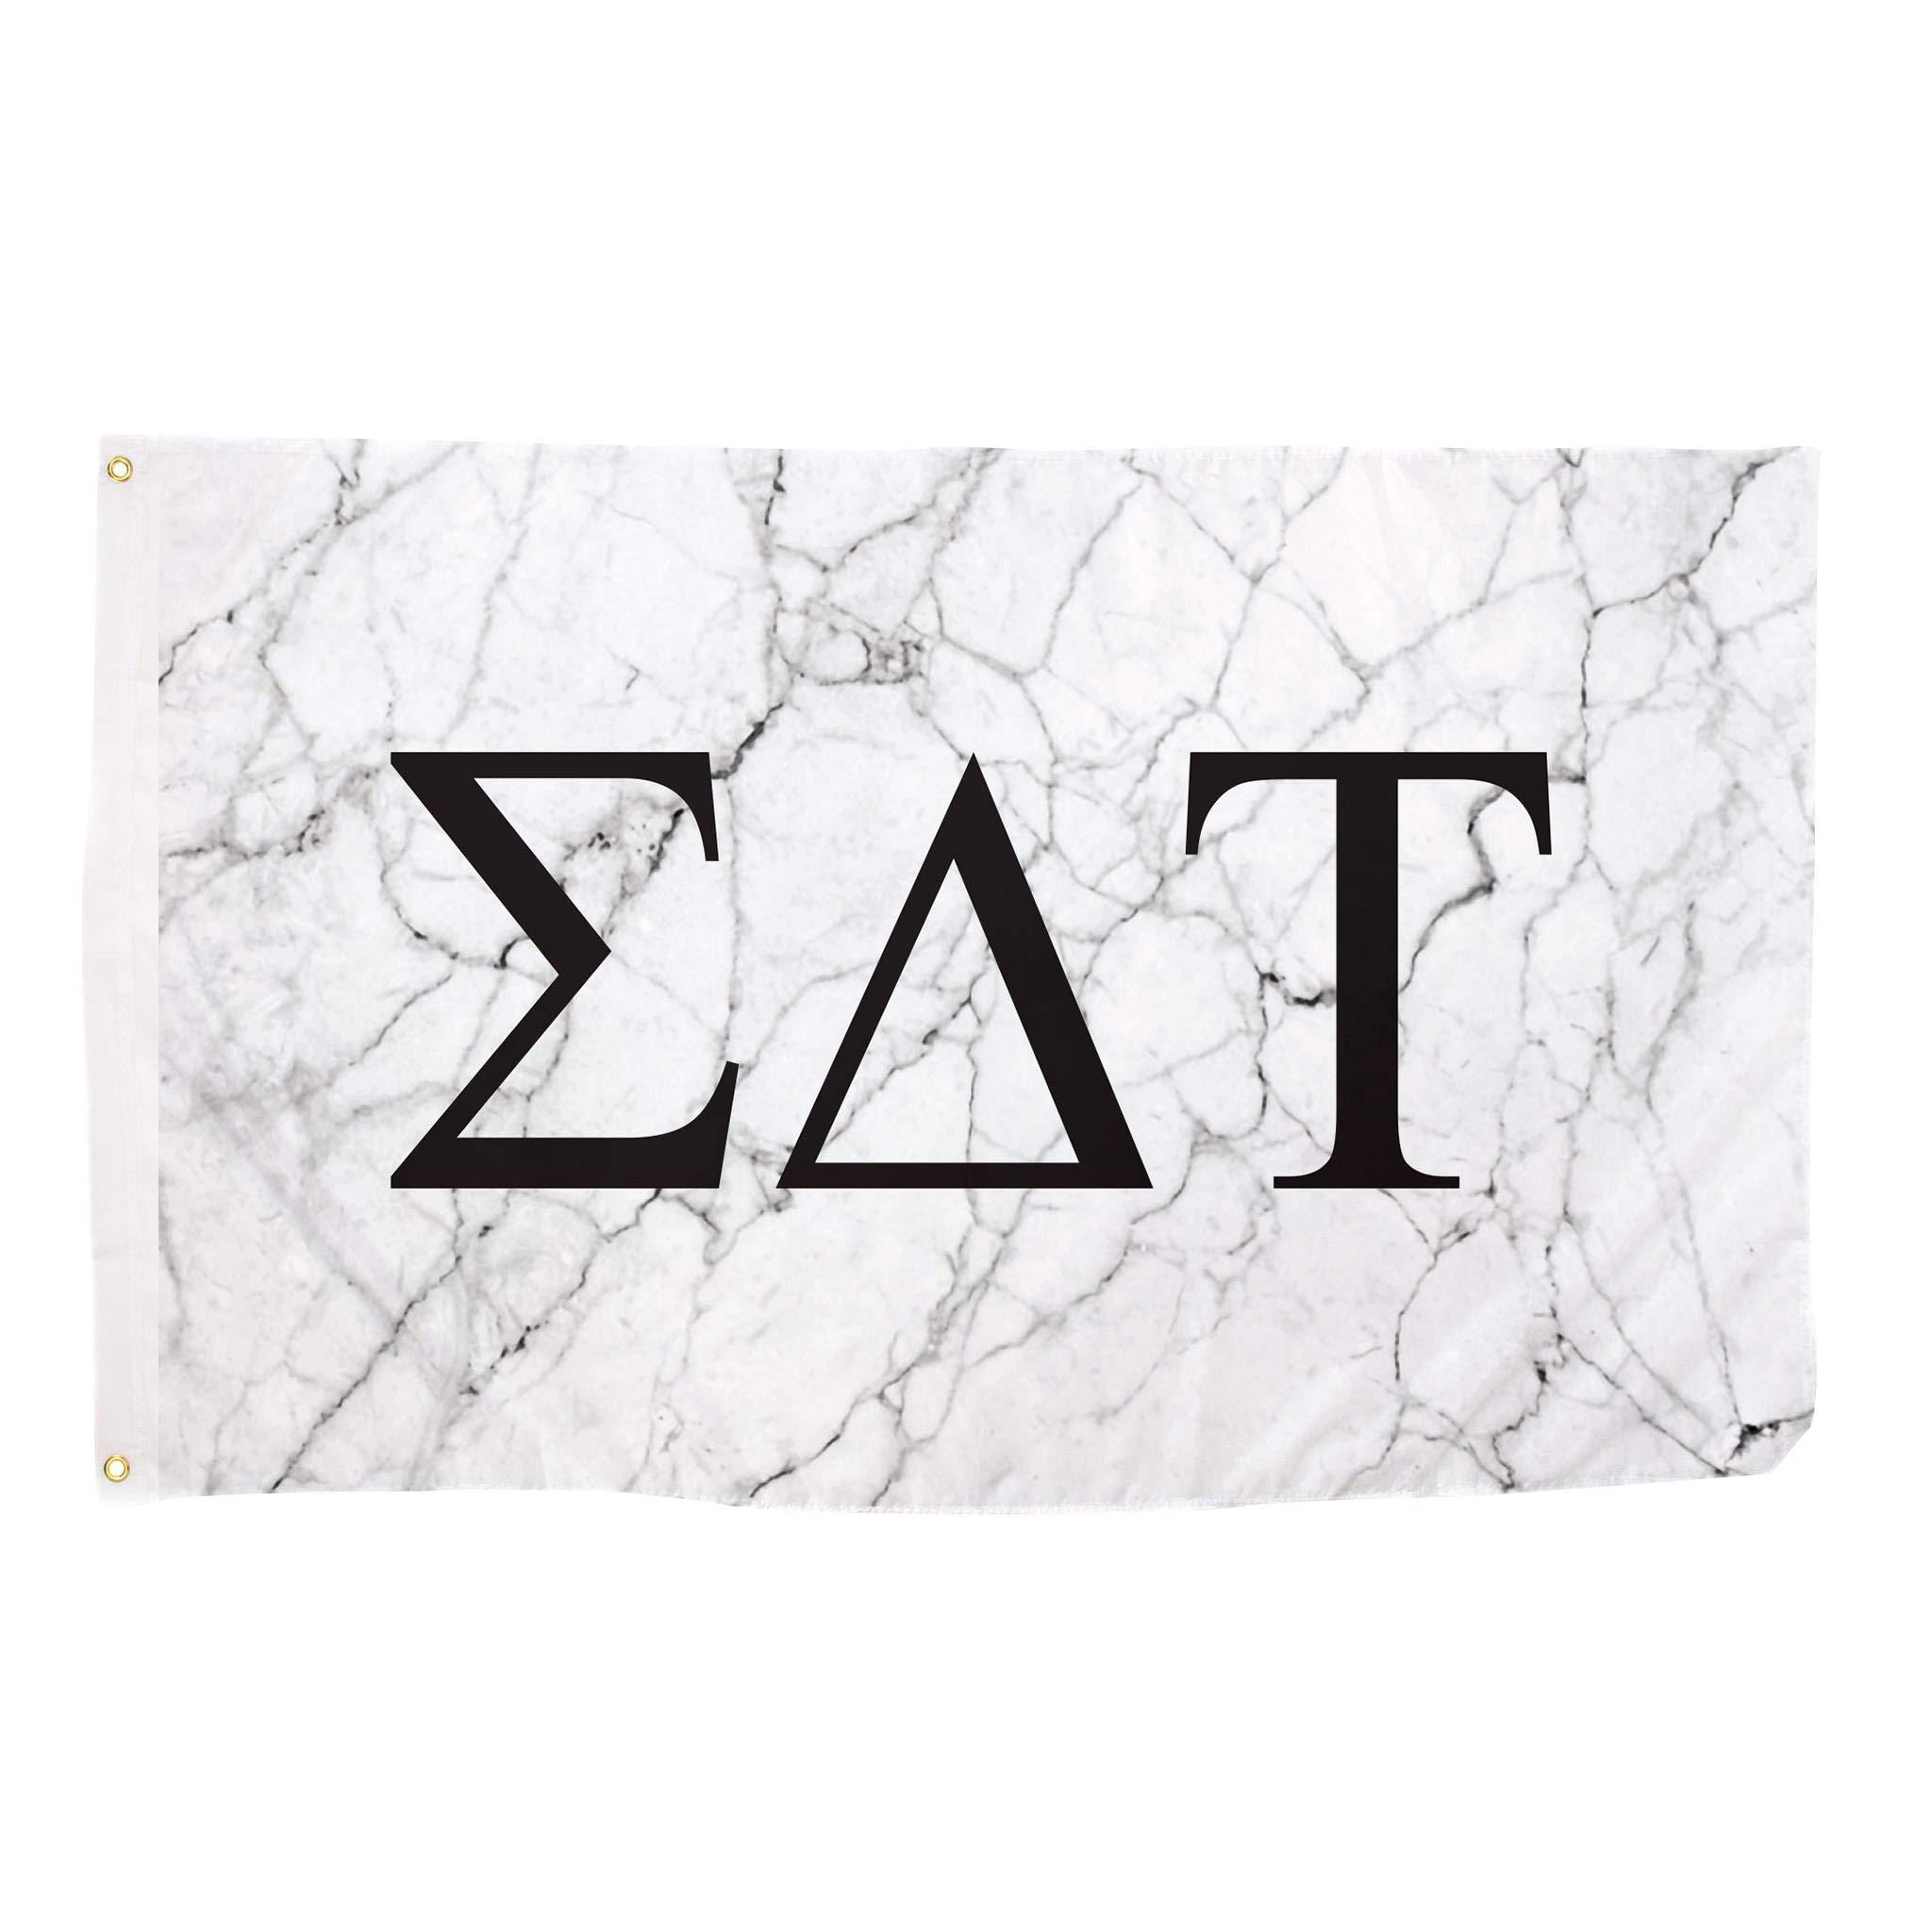 Sigma Delta Tau Light Marble Sorority Letter Flag Banner 3 x 5 Sign Decor Sig Delt